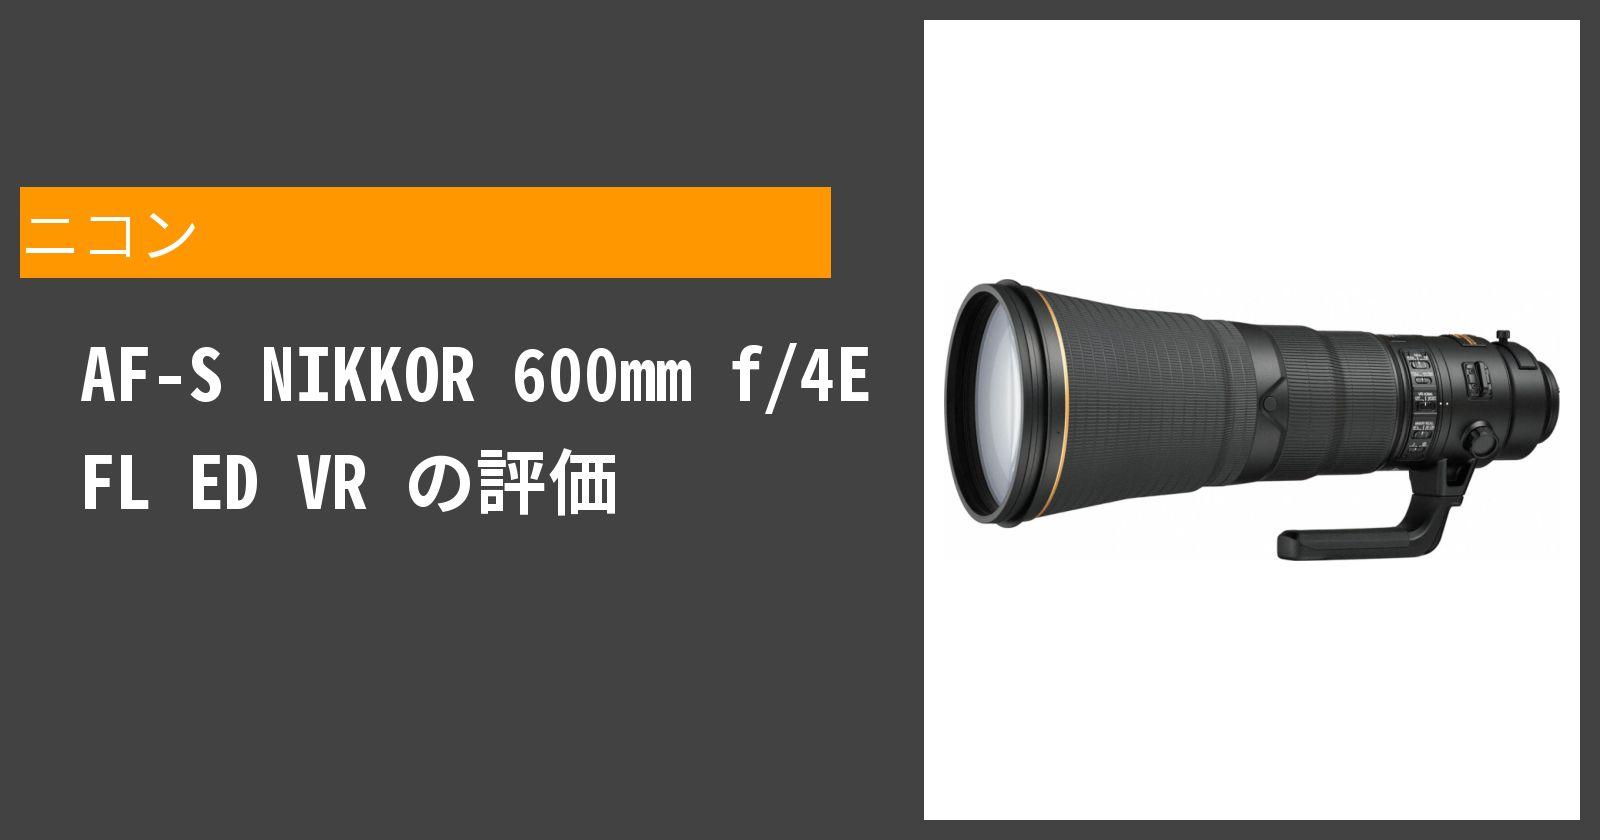 AF-S NIKKOR 600mm f/4E FL ED VRを徹底評価